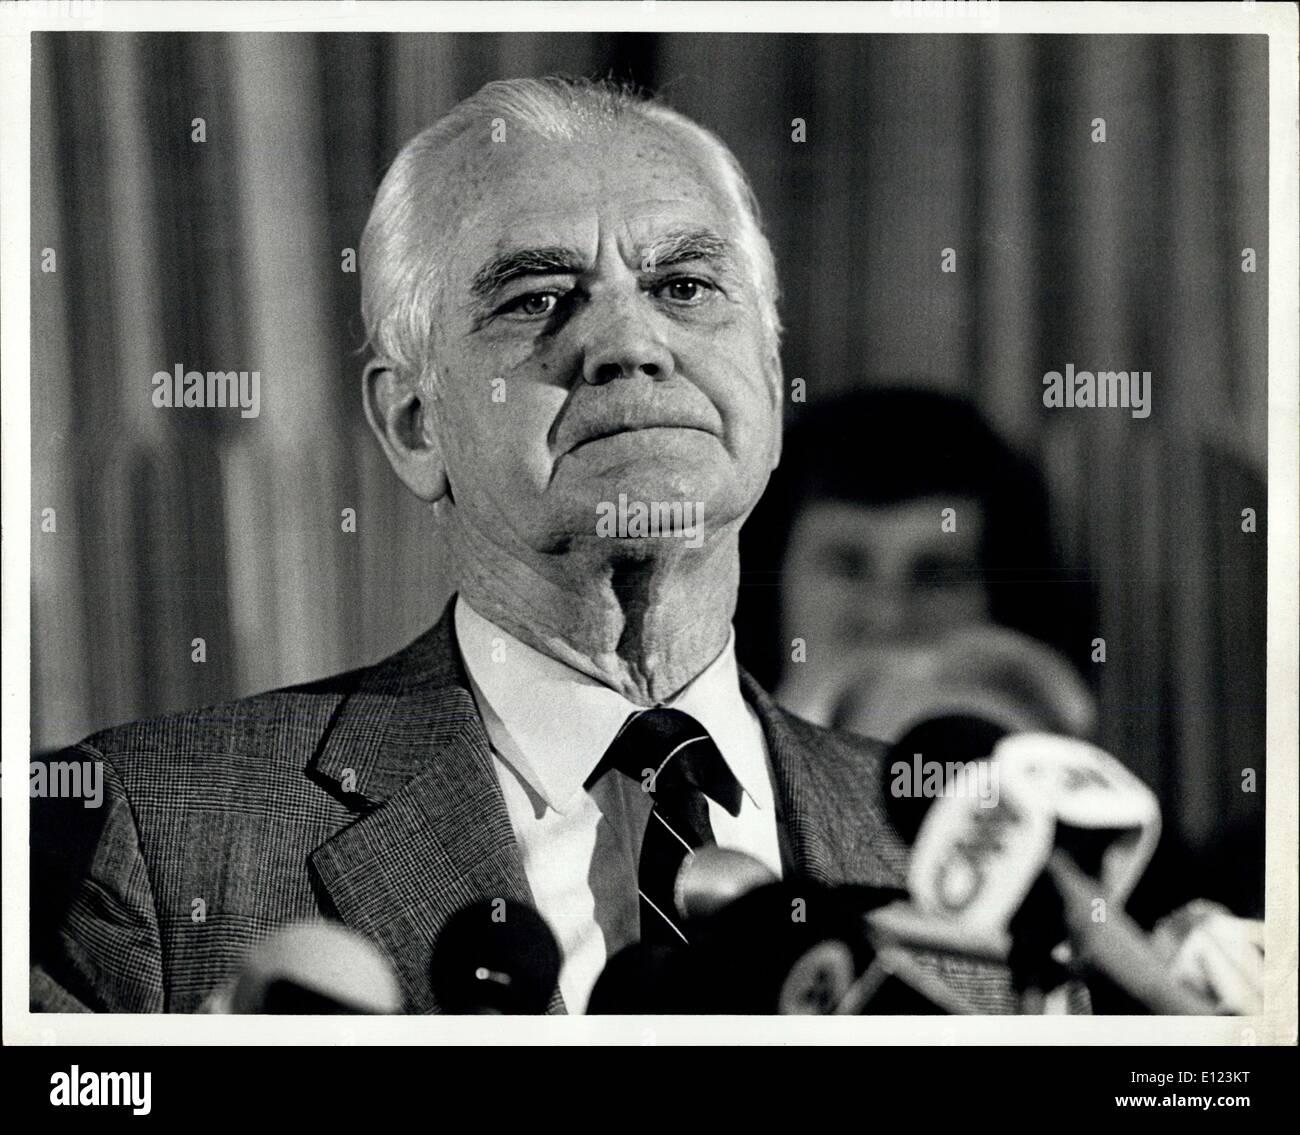 18. Februar 1985 - 18. Februar 1985 New York, Westmoreland Newsconference: General William C. Westmoreland, nach 18 Wochen des Zeugnisses Federal DIstrict Court in Manhattan, endete seine Verleumdungsklage gegen CBS gestern nur Tage vor Anwälten für beide Seiten ihre endgültige Summierungen der Jury begonnen haben würde, zum Abschluss zu bringen, die Verleumdungsklage gebracht durch die allgemeine nach der 1982 Ausstrahlung von CBS des Dokumentarfilms unzähligen Gegner : Eine Vitman Täuschung '' Stockbild